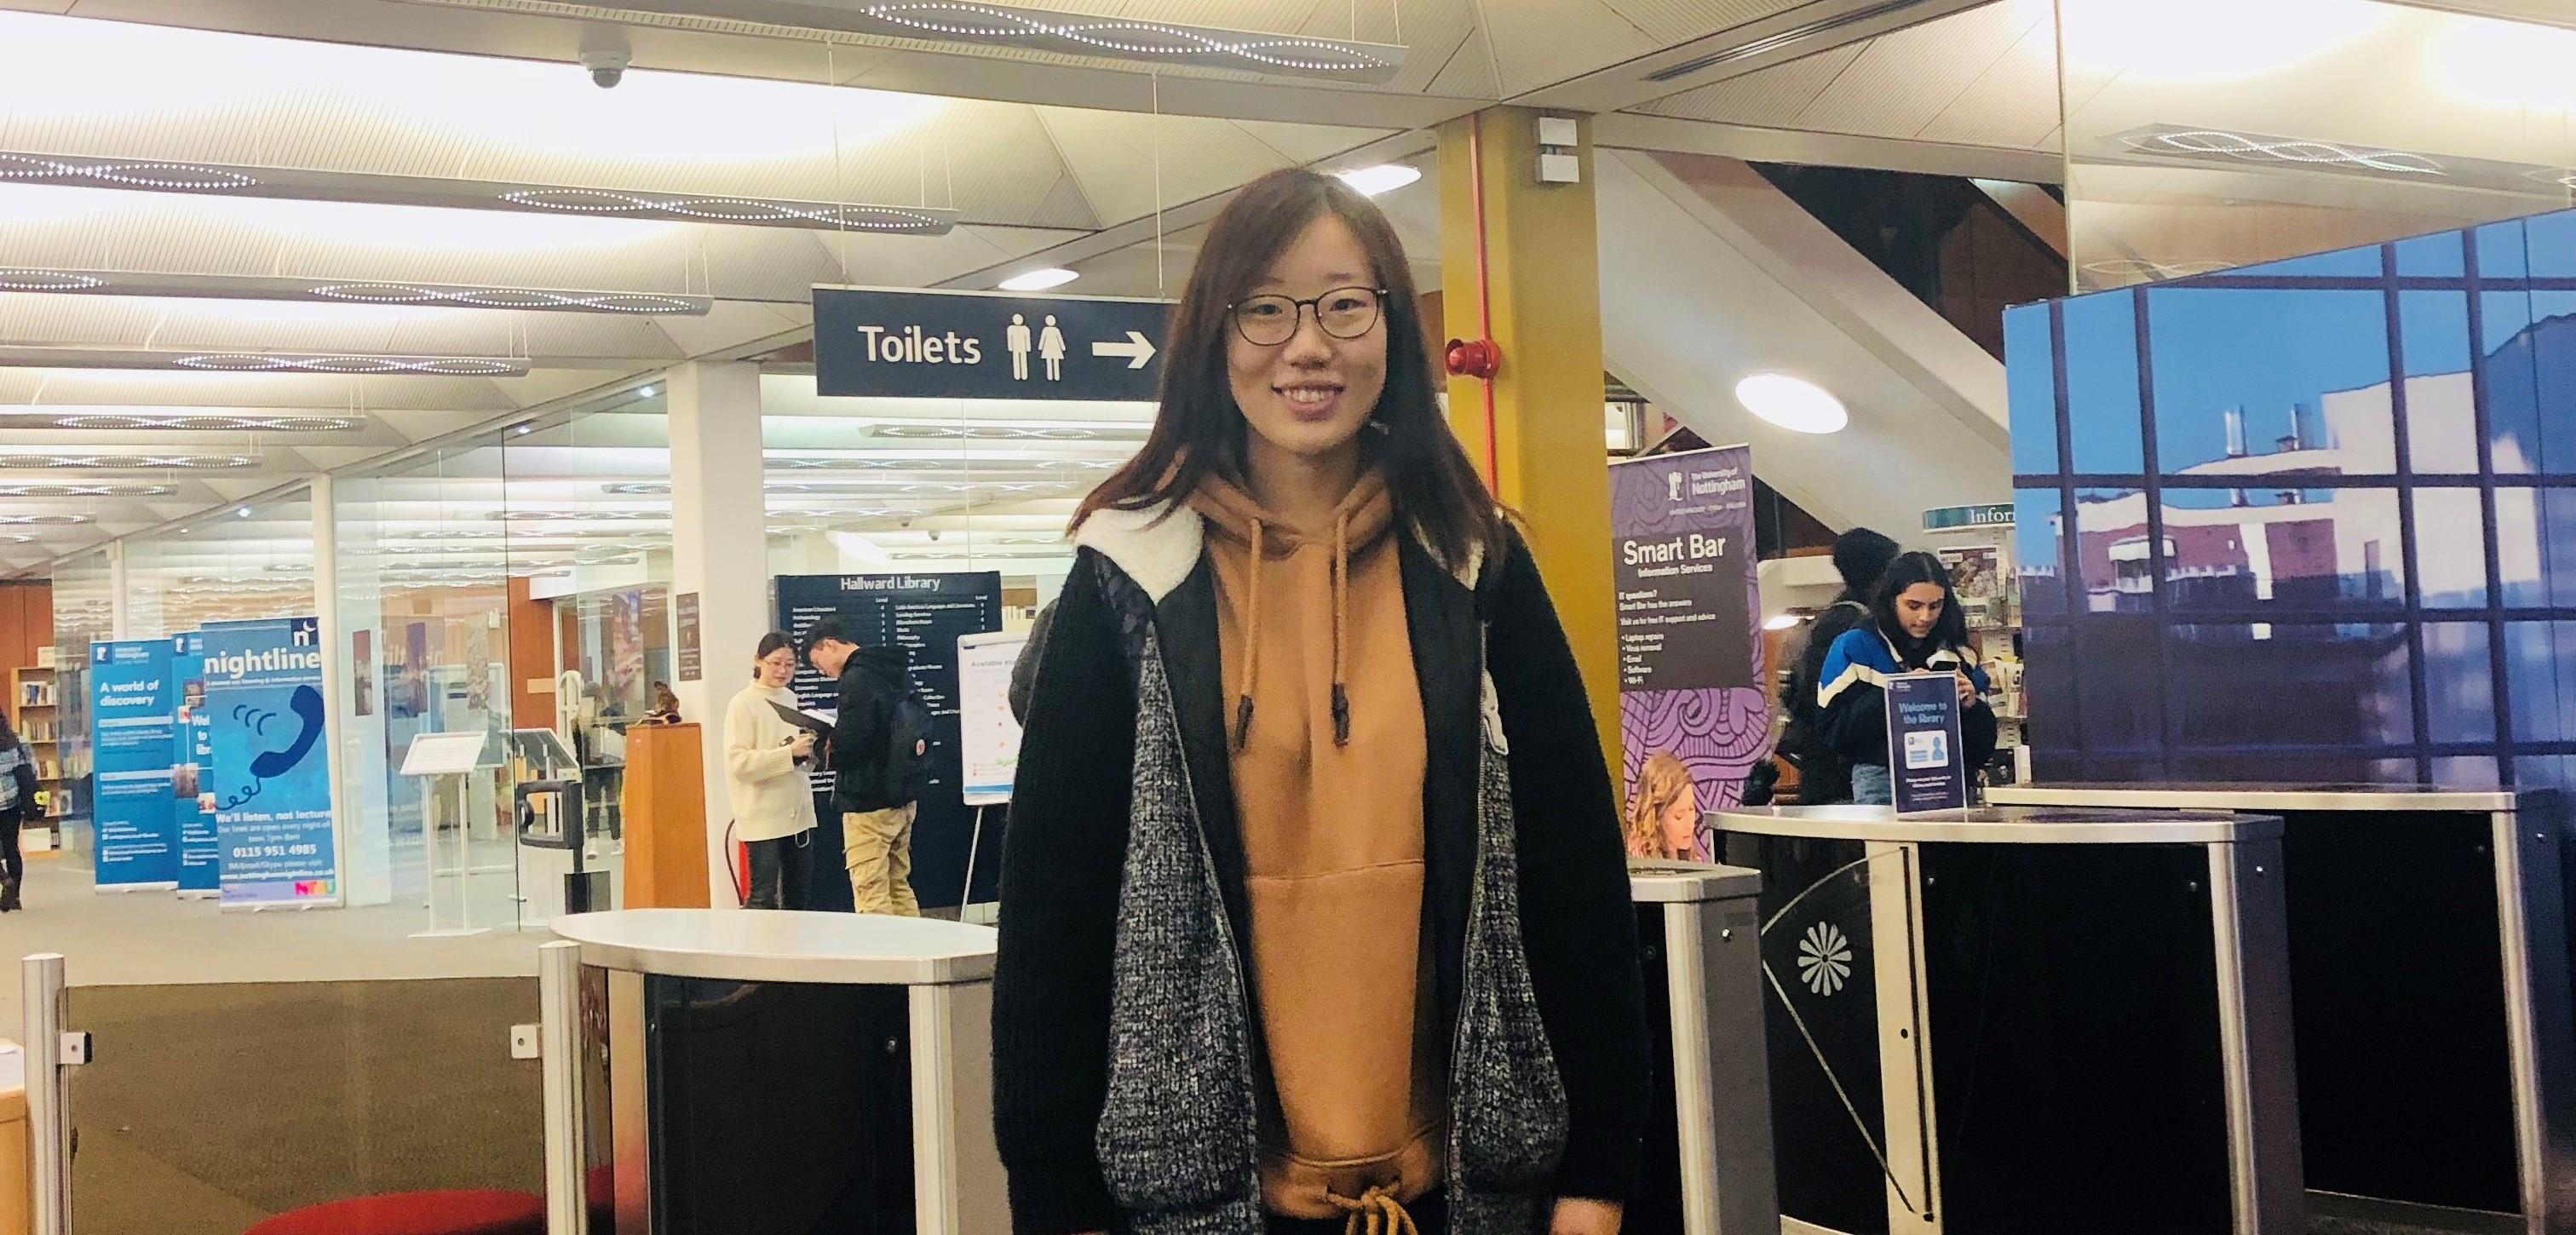 International Student Ambassadors: Jiaoyue from China